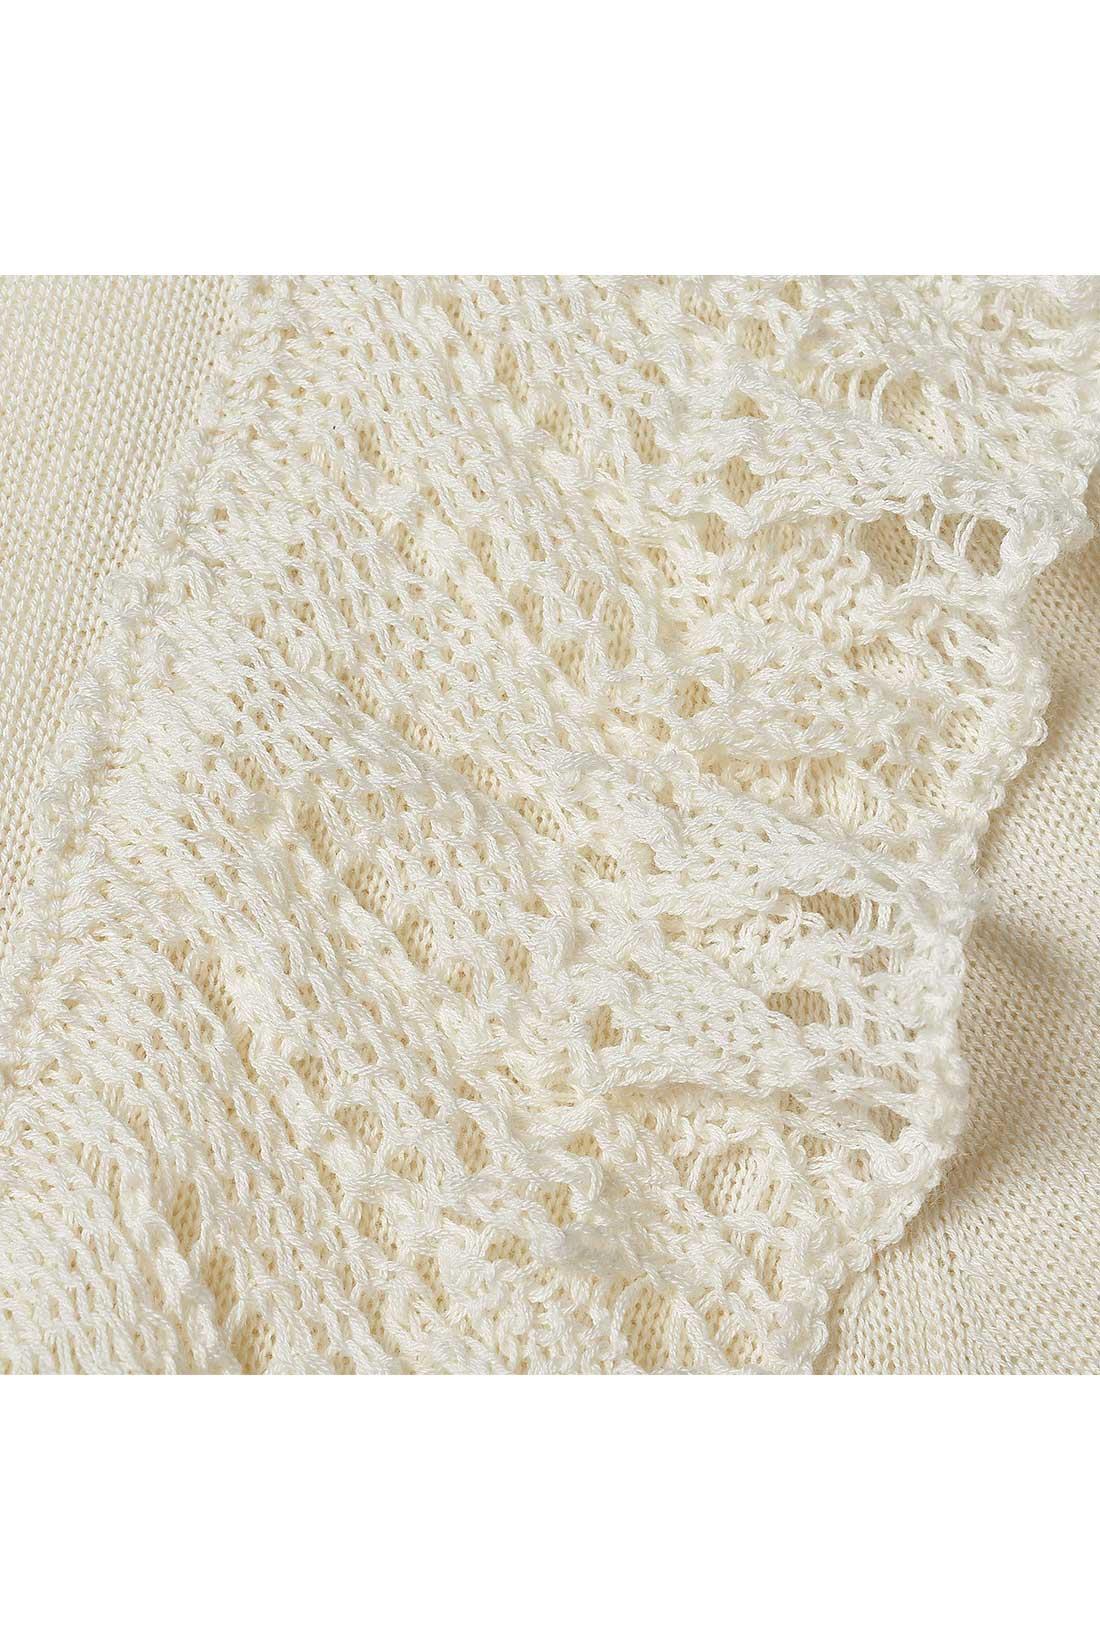 繊細で華やかな手編みレース。